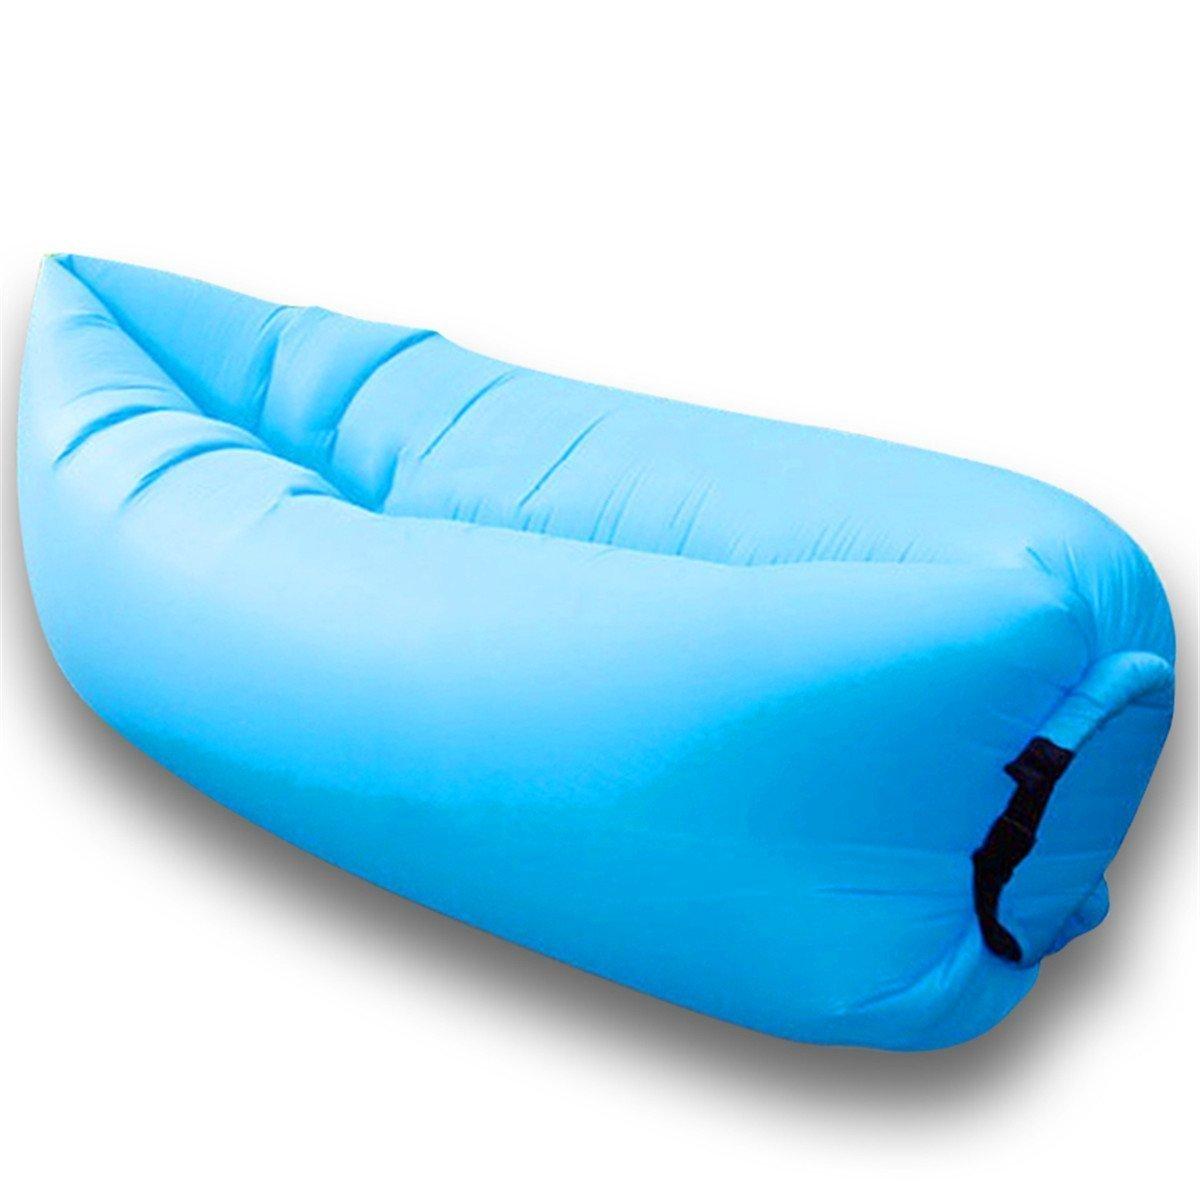 Inflatable Air Sofa Reviews Ezhanduicom : 611wjJDdCzLSL1200 from ezhandui.com size 1200 x 1200 jpeg 85kB